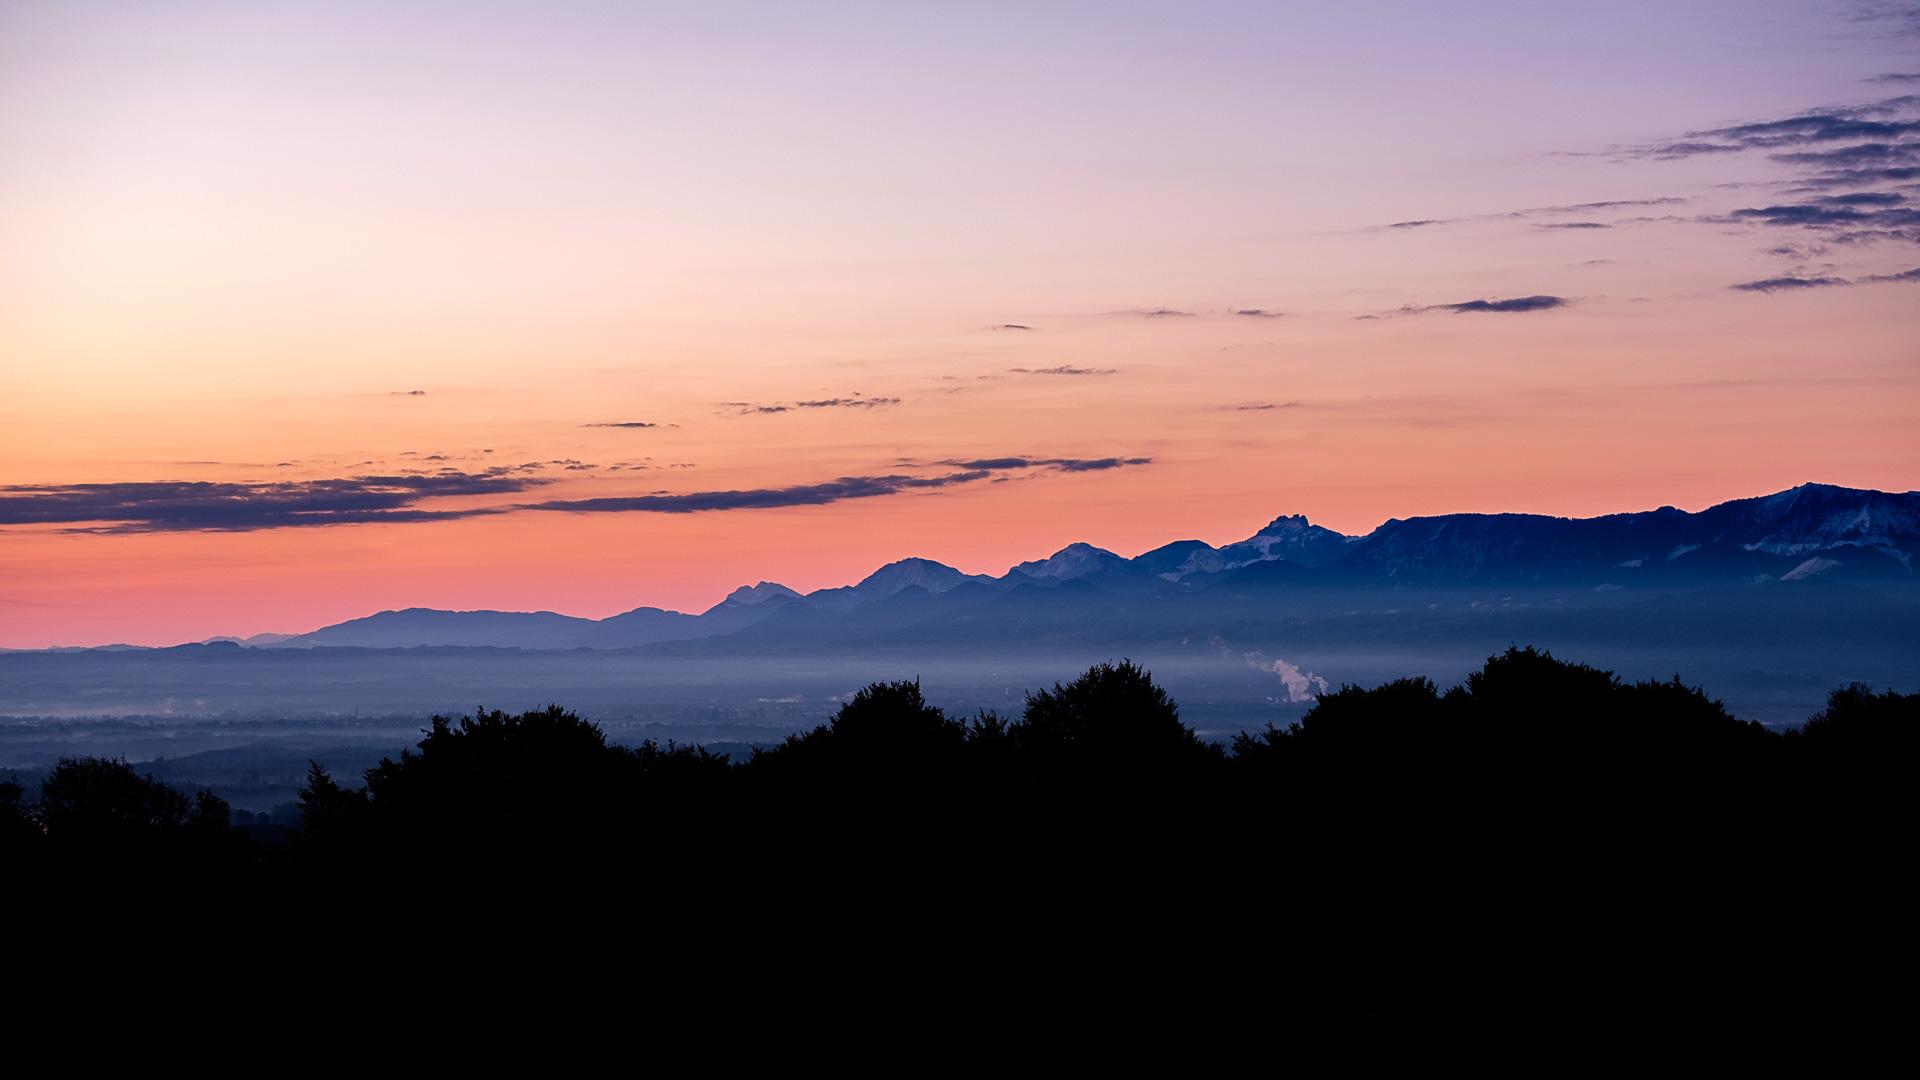 Ein Blick vom Irschenberg in das Mangfalltal und die Berge kurz vor Sonnenaufgang.